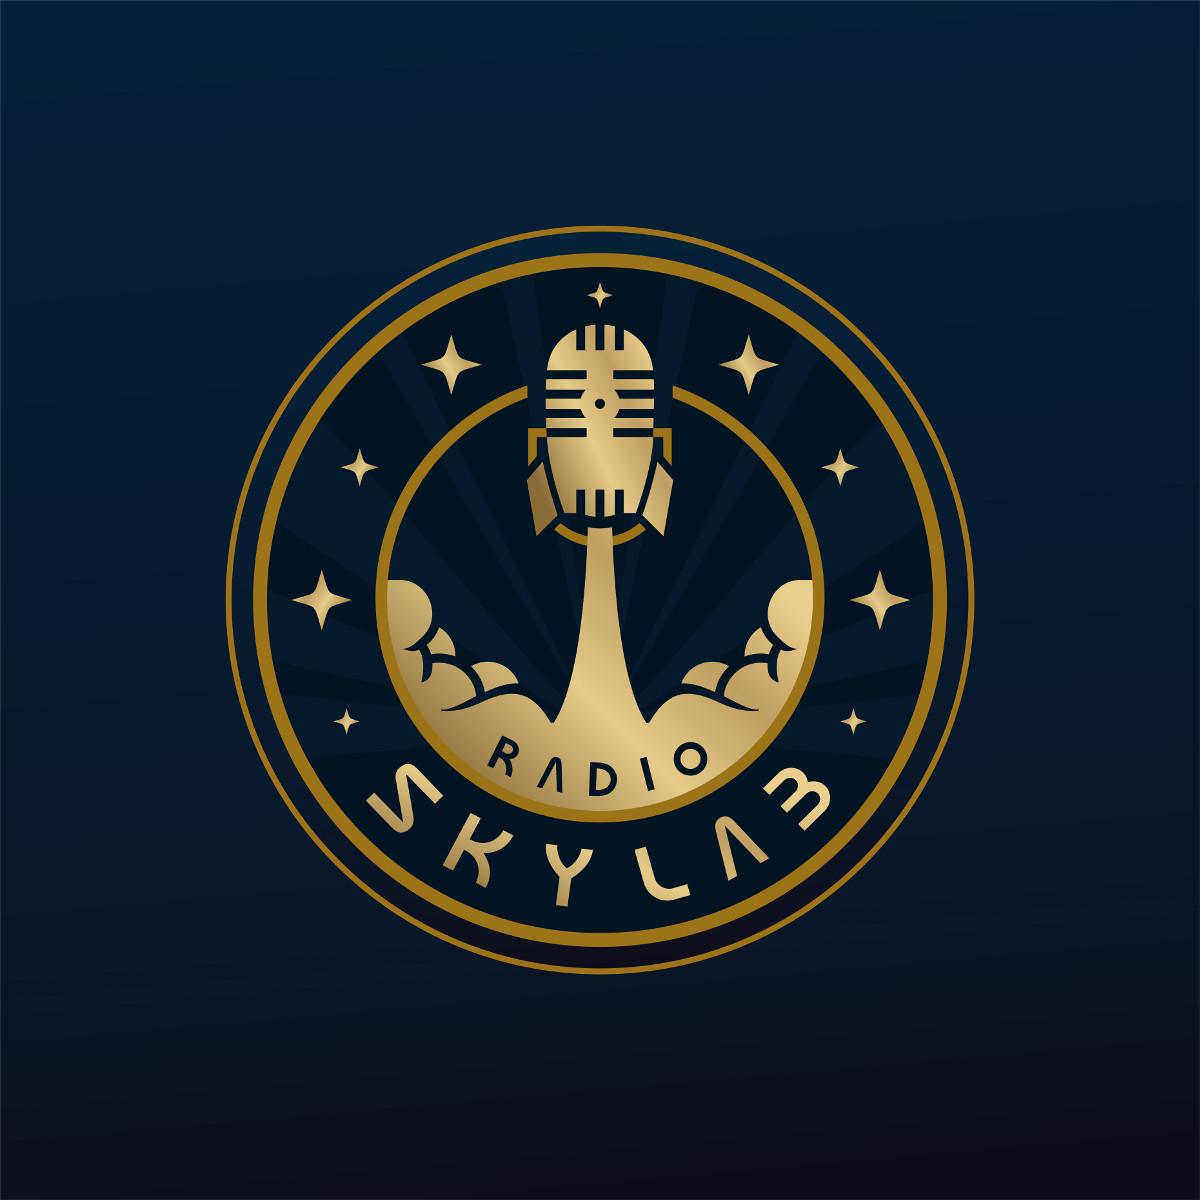 ¡3, 2, 1...! Aquí está el programa 89 de Radio Skylab. Acompáñanos por la historia de Nicolas Louis de Lacaille y su viaje para el cartografiado del cielo austral. Todo listo, ¡despegamos! https://t.co/avzCPx8vLx https://t.co/1vpiJsxvfR